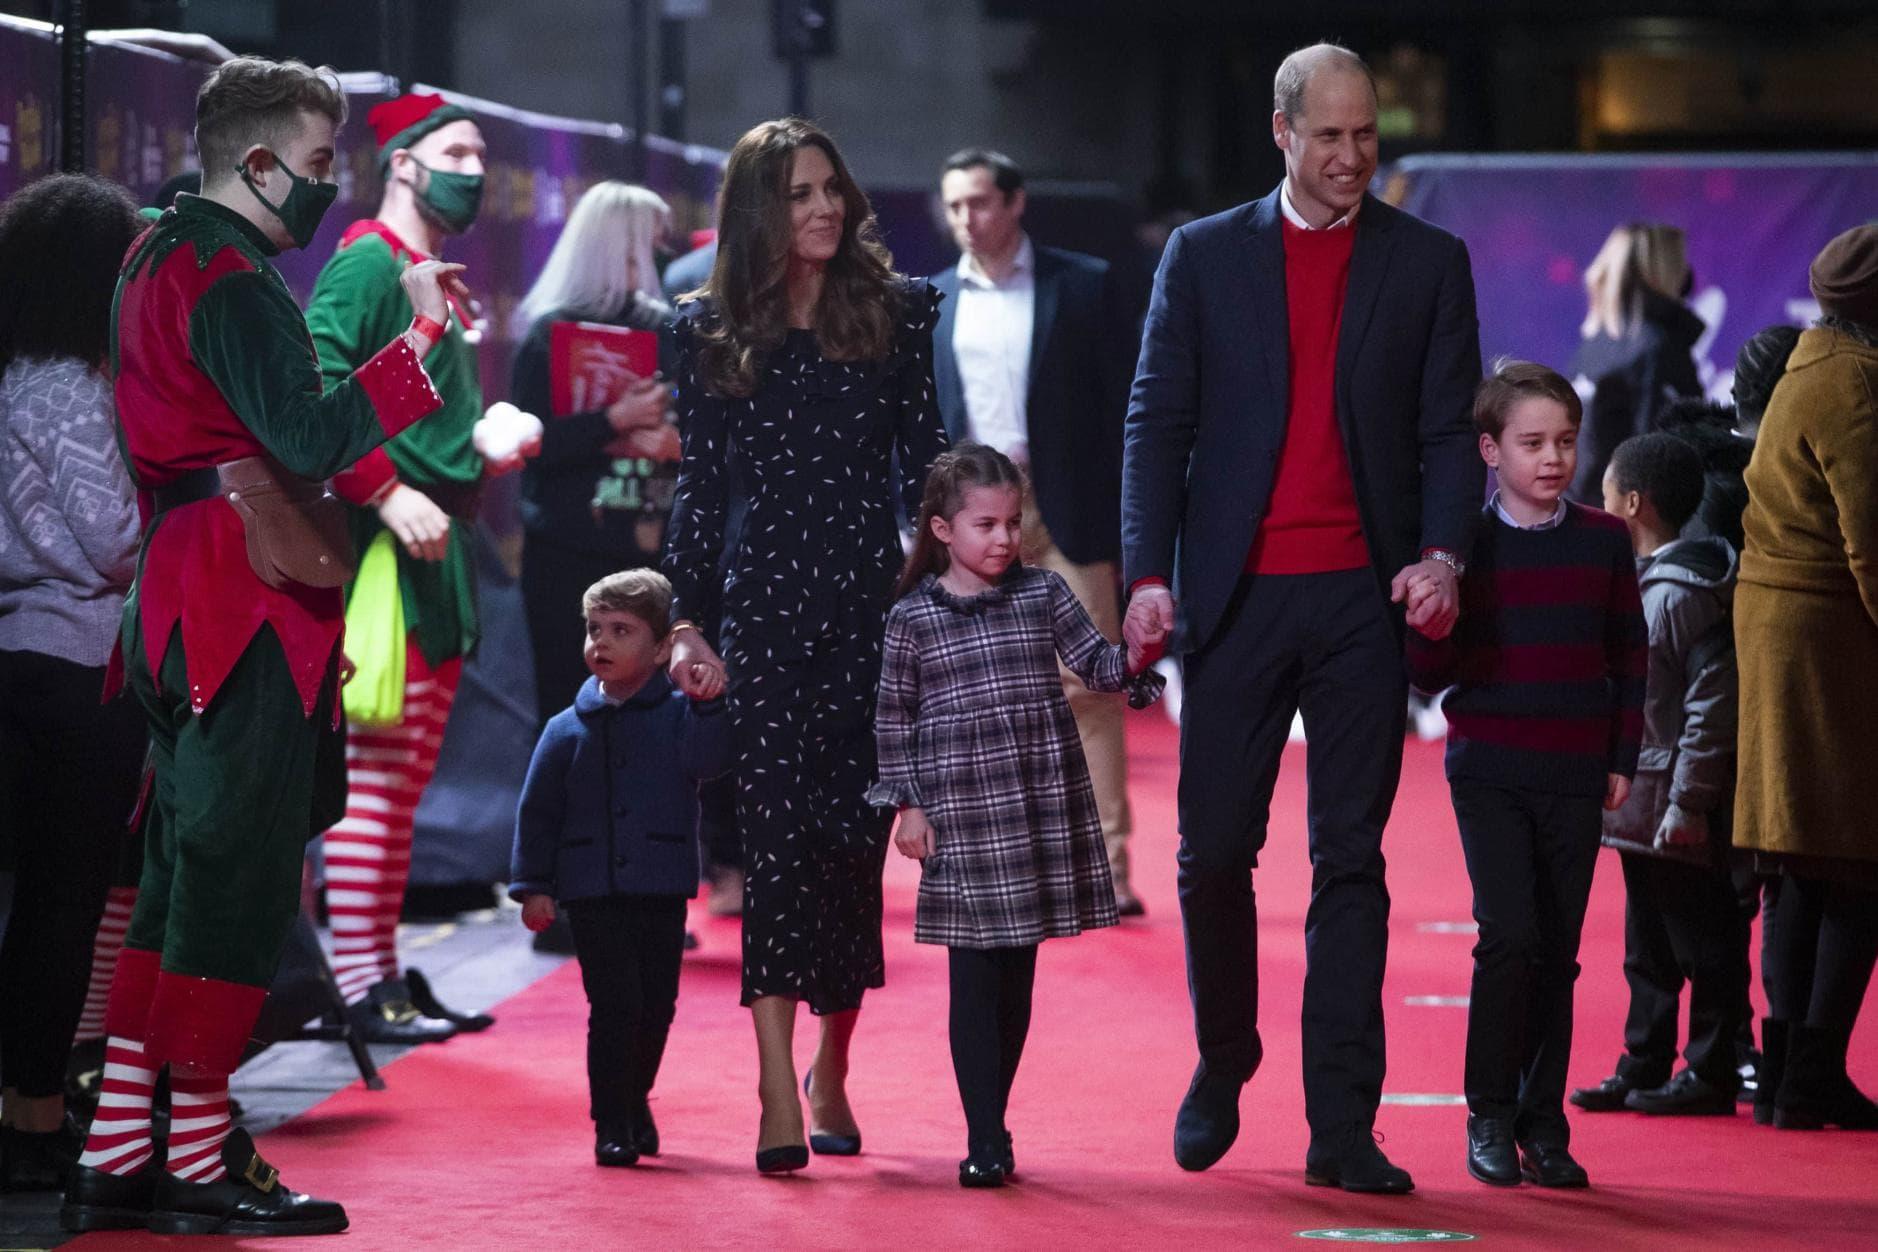 William und Kate erstmals mit allen Kindern auf dem roten Teppich 11